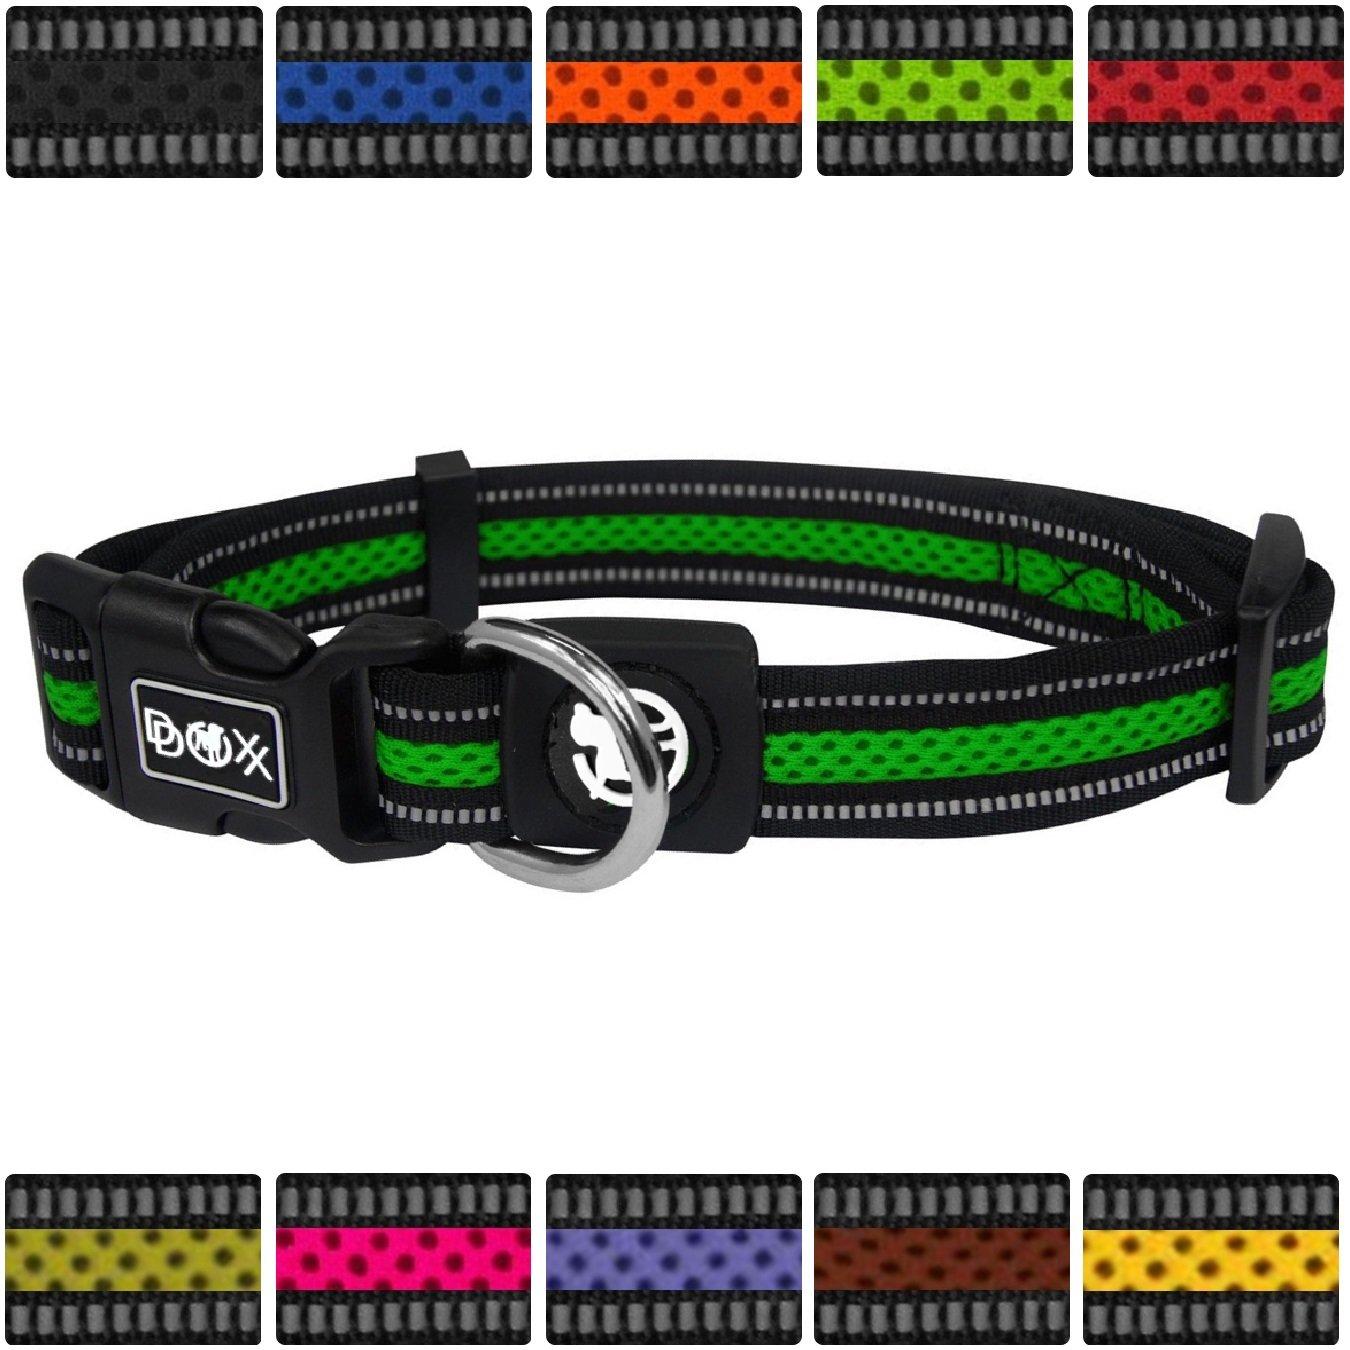 DDOXX Hundehalsband Air Mesh | Hundehalsband Reflektierend Air Mesh | für große, mittelgroße, Mittlere & Kleine Hunde Größen | Hundeleine & Hundegeschirr separat erhältlich | XL doggy-world